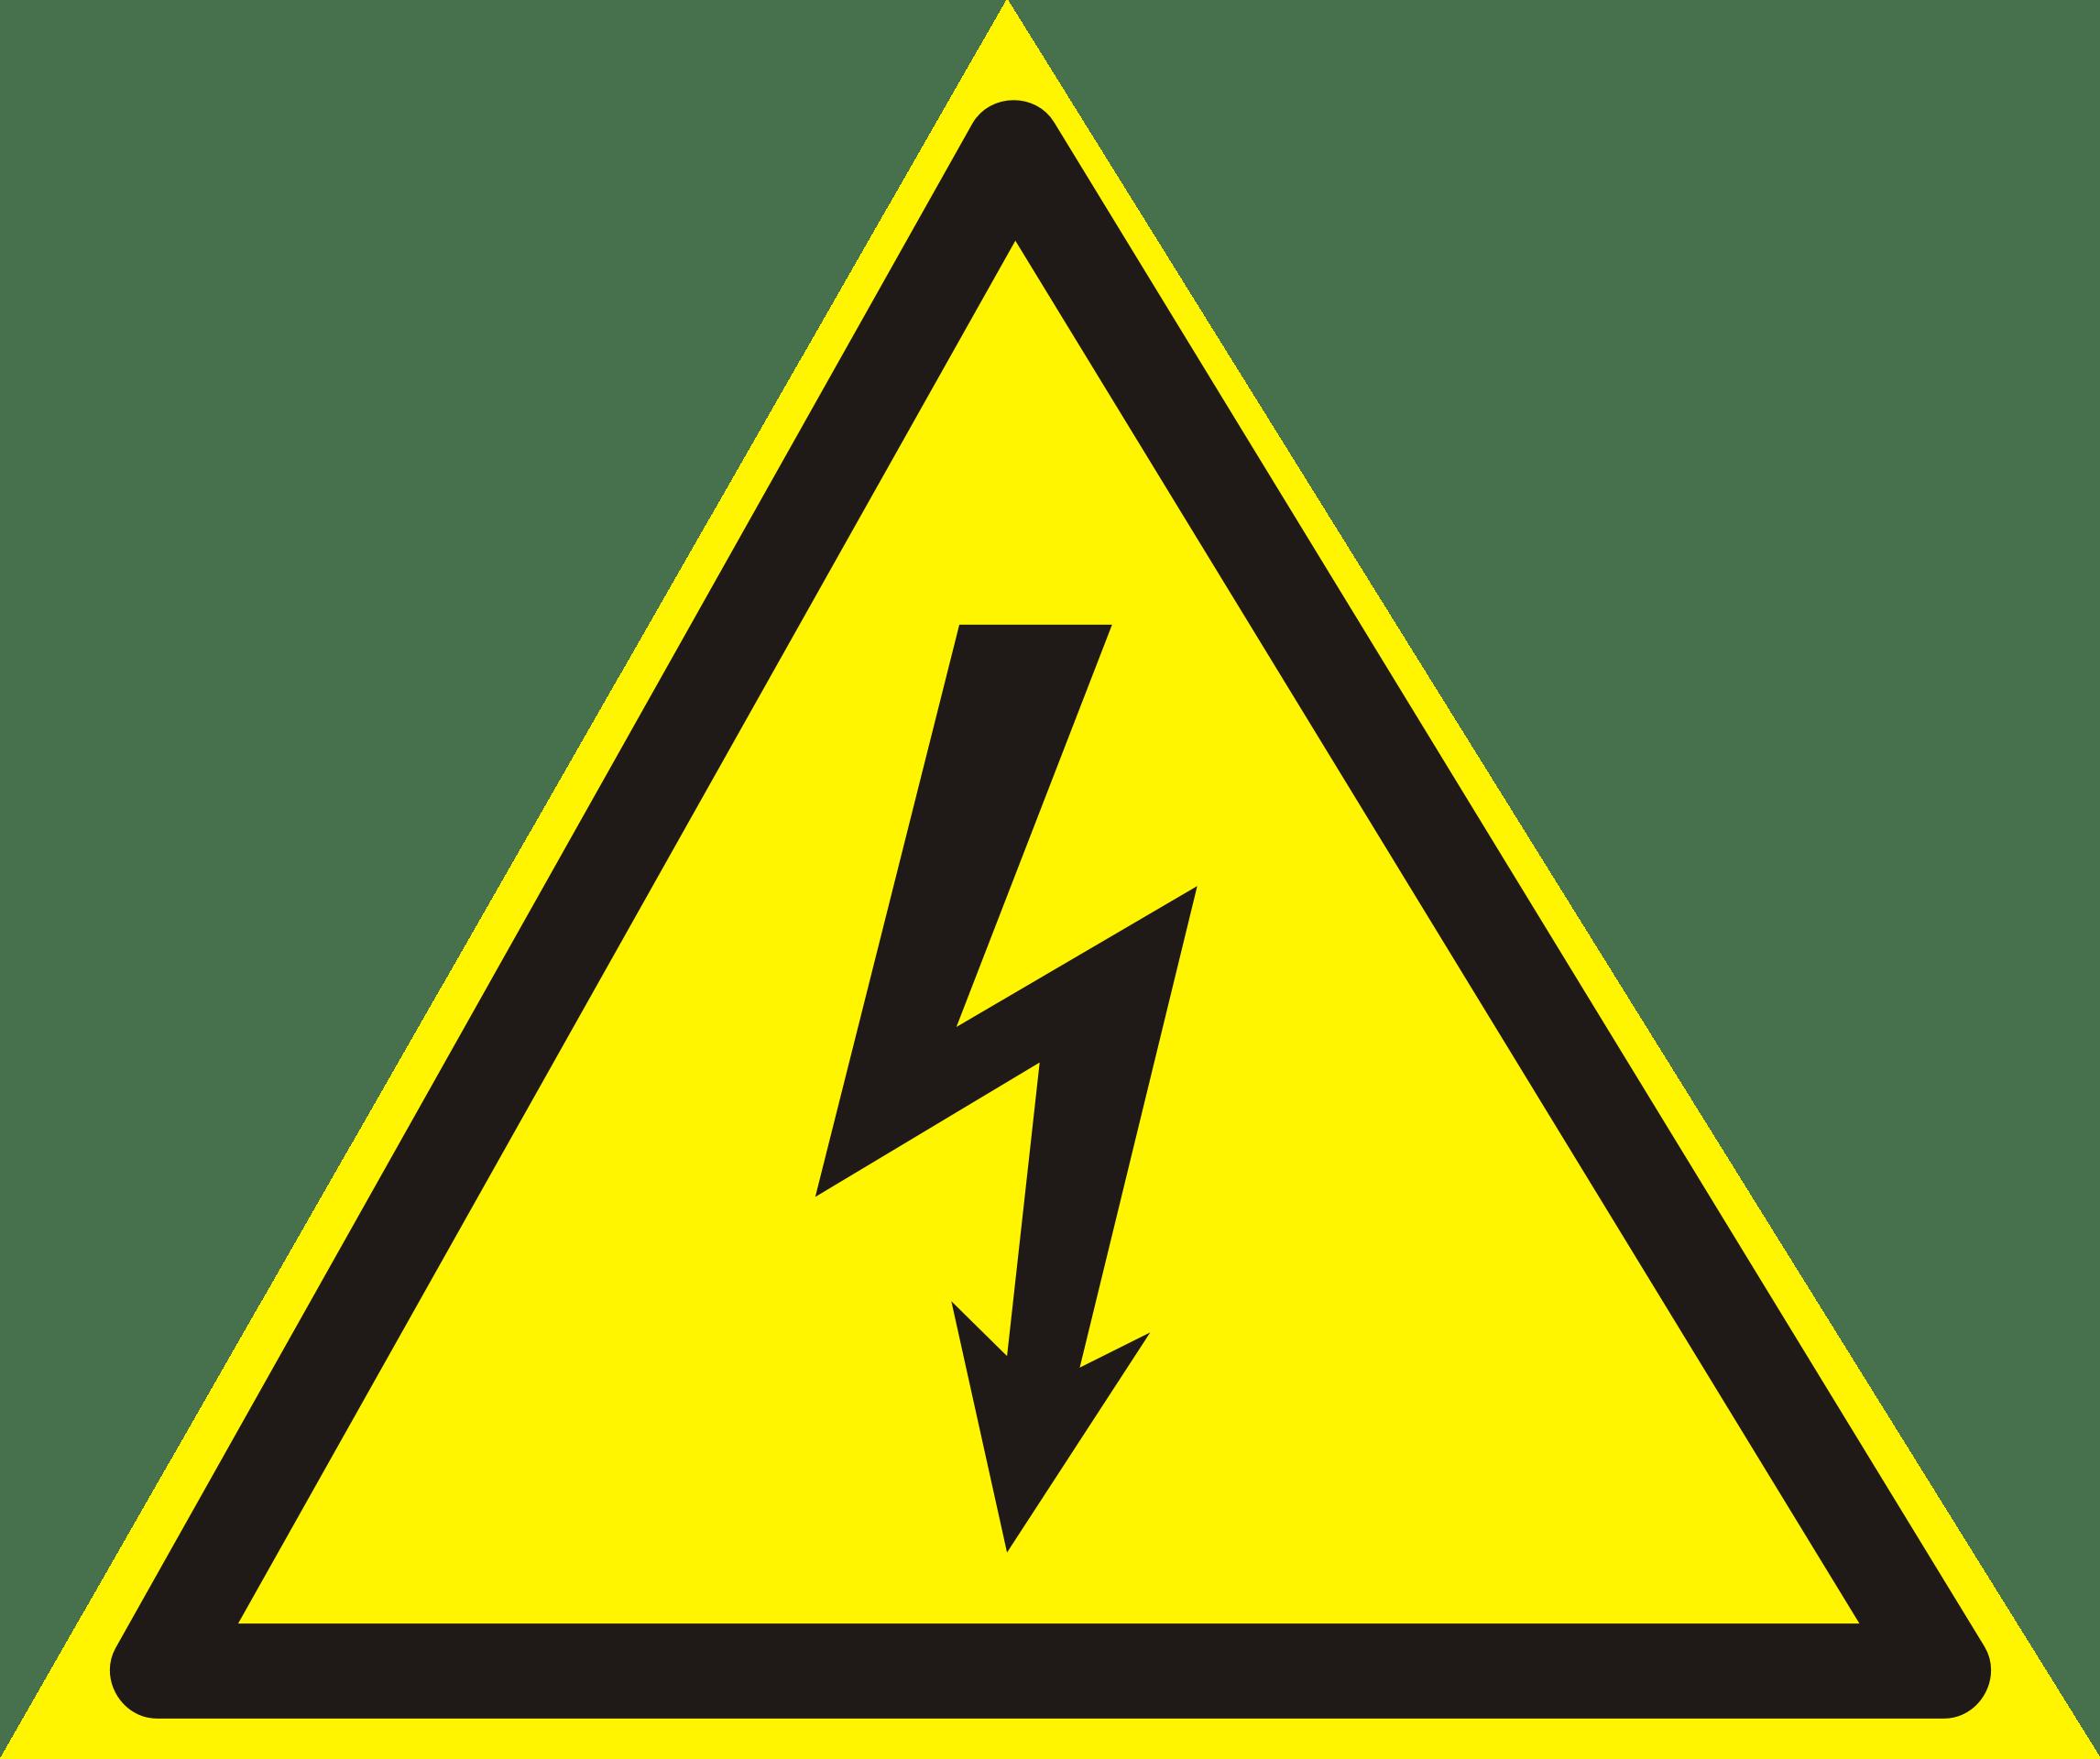 kakie-rabotniki-organizaczii-dolzhny-prohodit-attestacziyu-po-elektrobezopasnosti-2